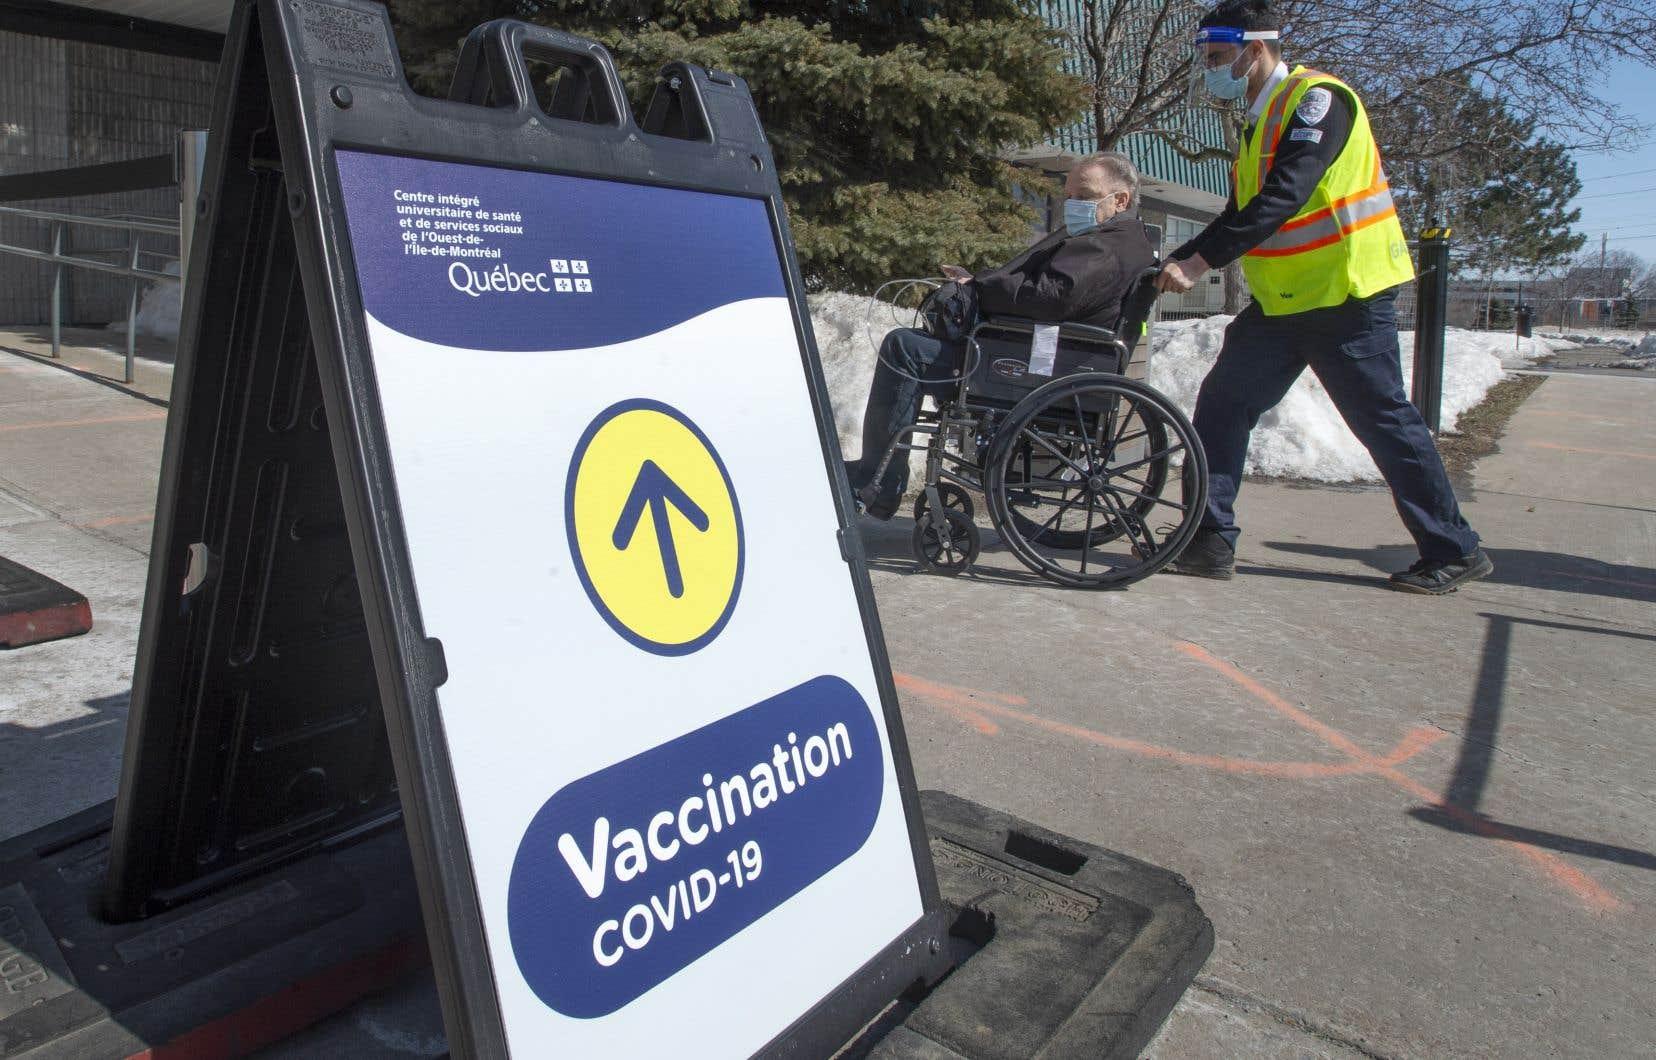 Un aîné reçoit de l'aide pour se faire vacciner dans une clinique de vaccination COVID-19, le lundi 8 mars 2021 à Montréal.